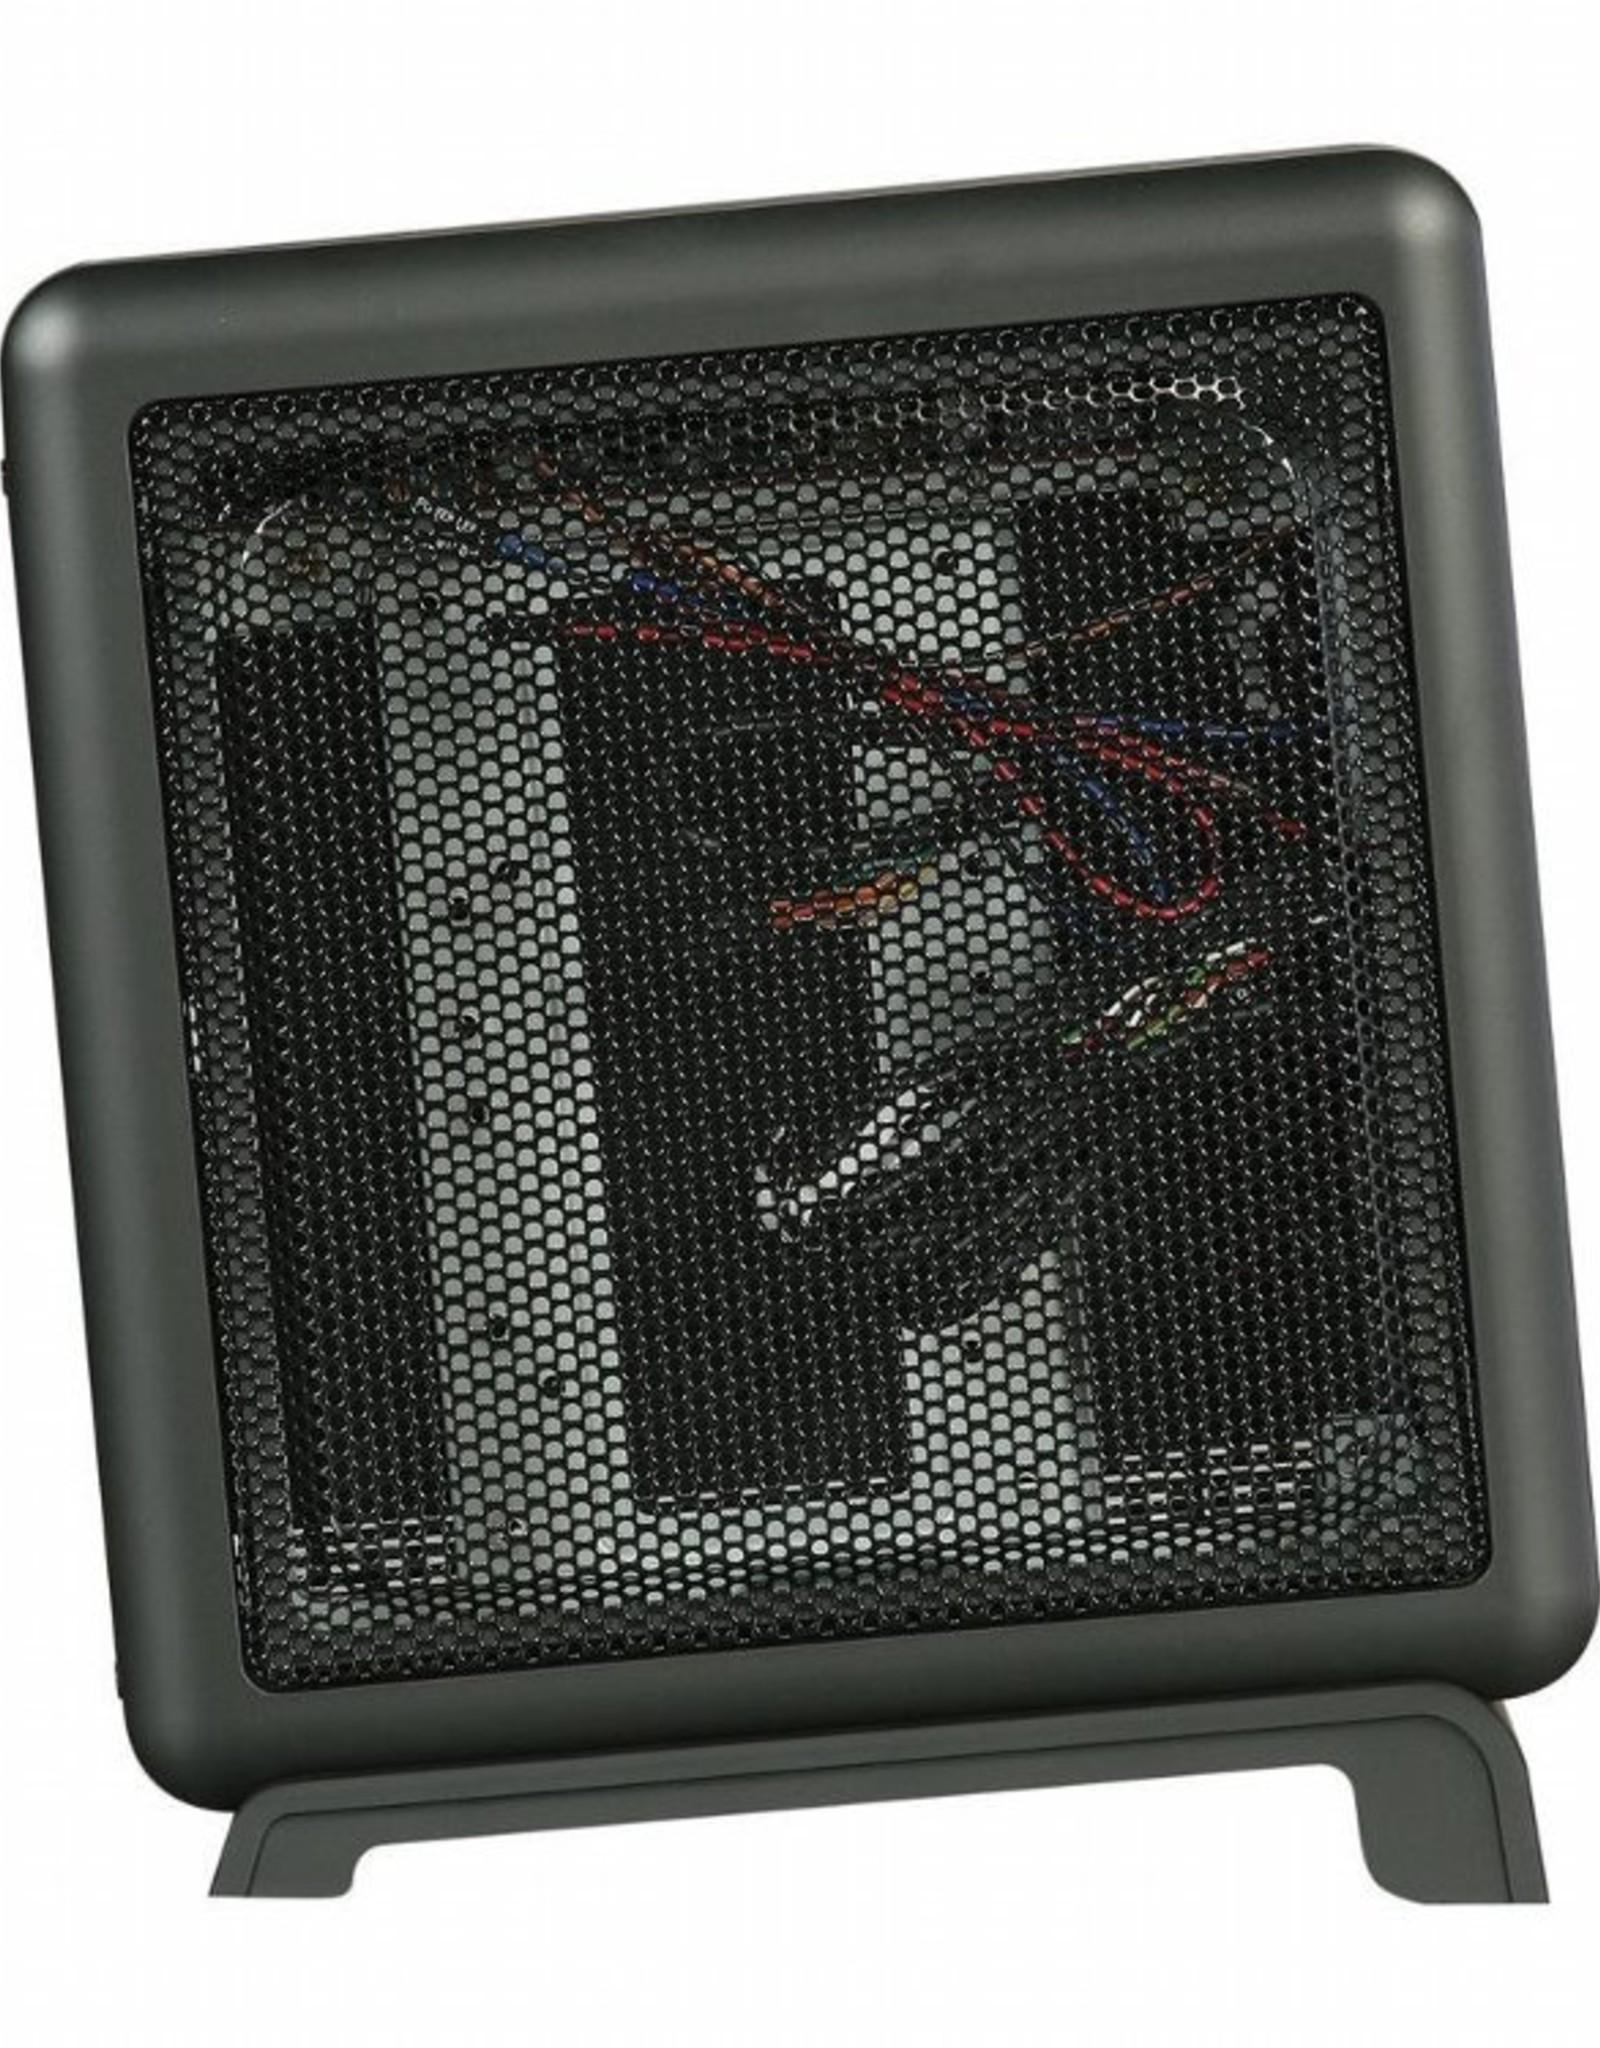 Case  ISK-110 VESA U3 / 90 Watt / HTPC / mITX